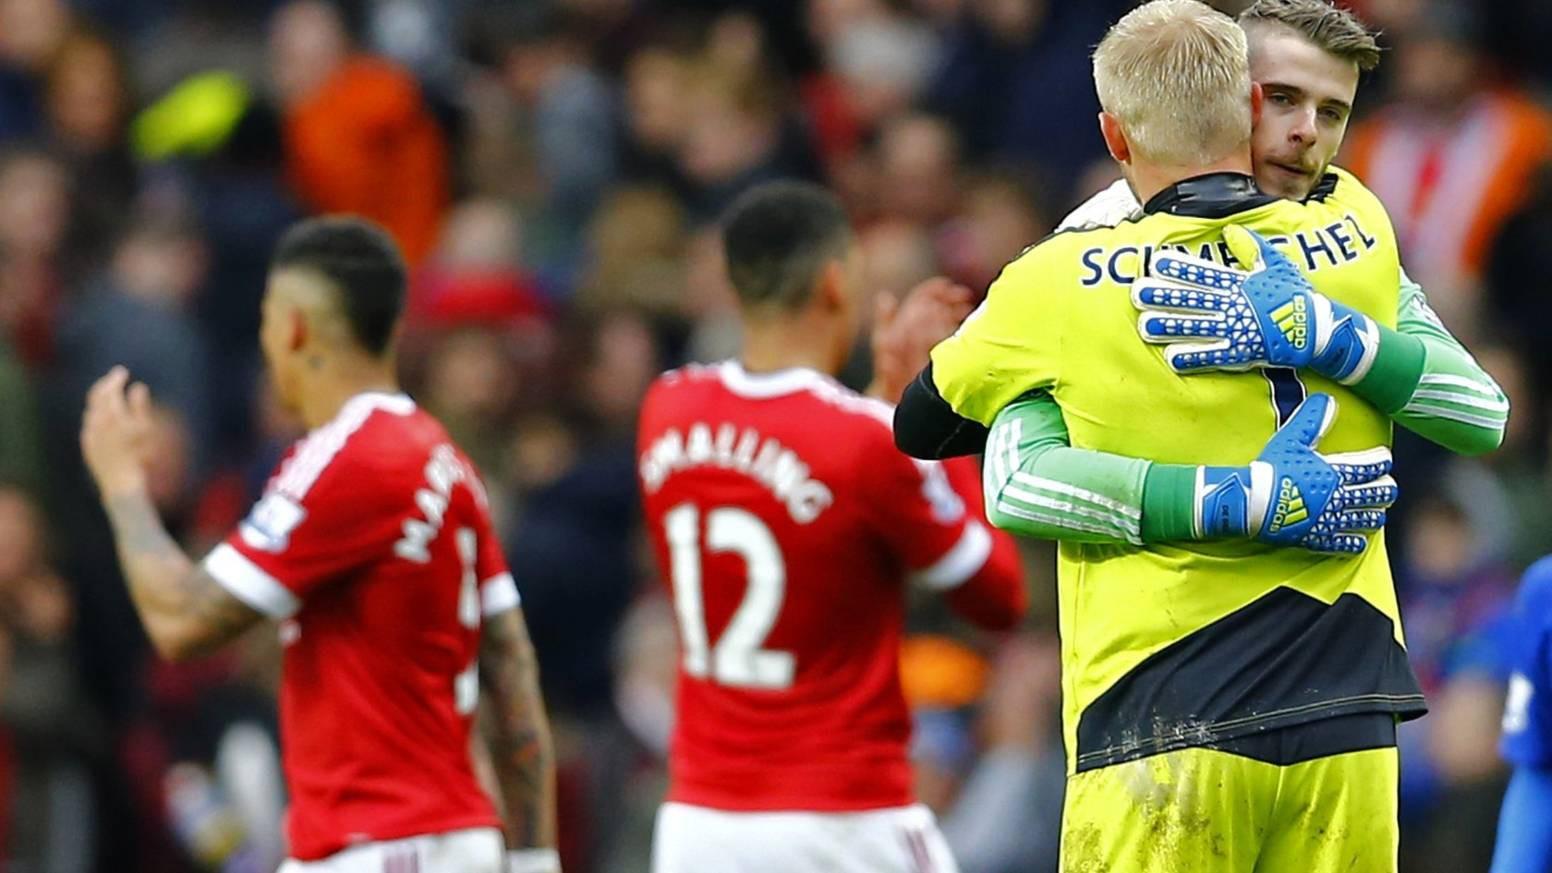 Tài năng của hai thủ môn khiến Man Utd và Leicester chẳng thể phân thắng thua.